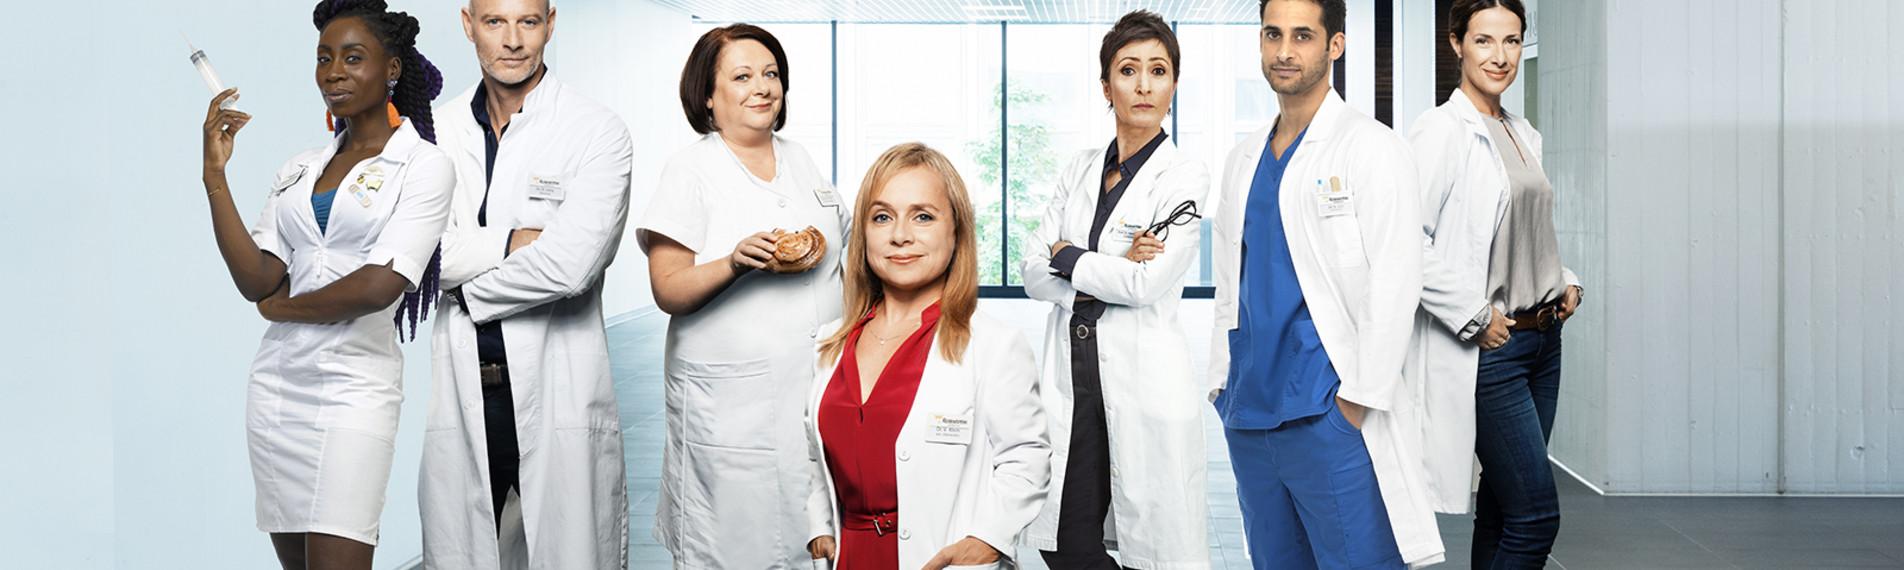 Dr Klein Zdf Staffel 5